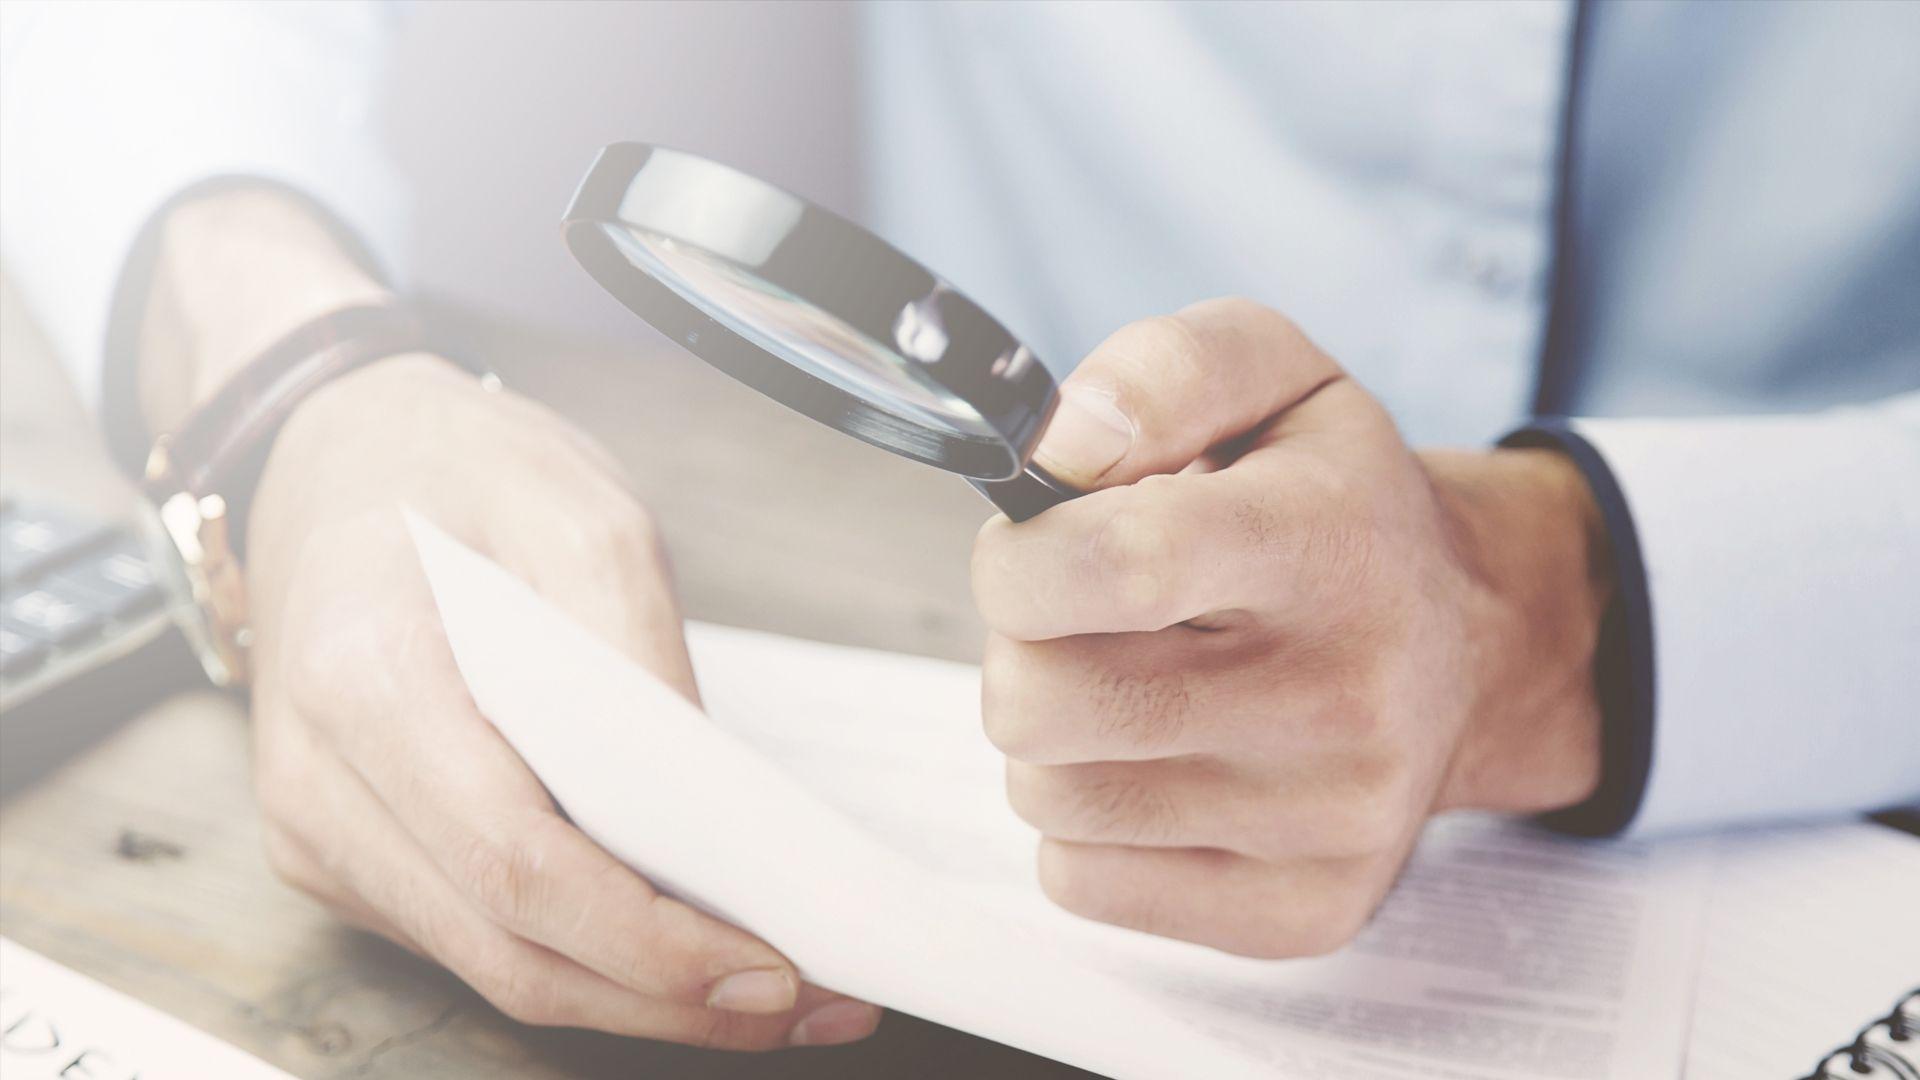 juridische bedrijfsscan legal scan